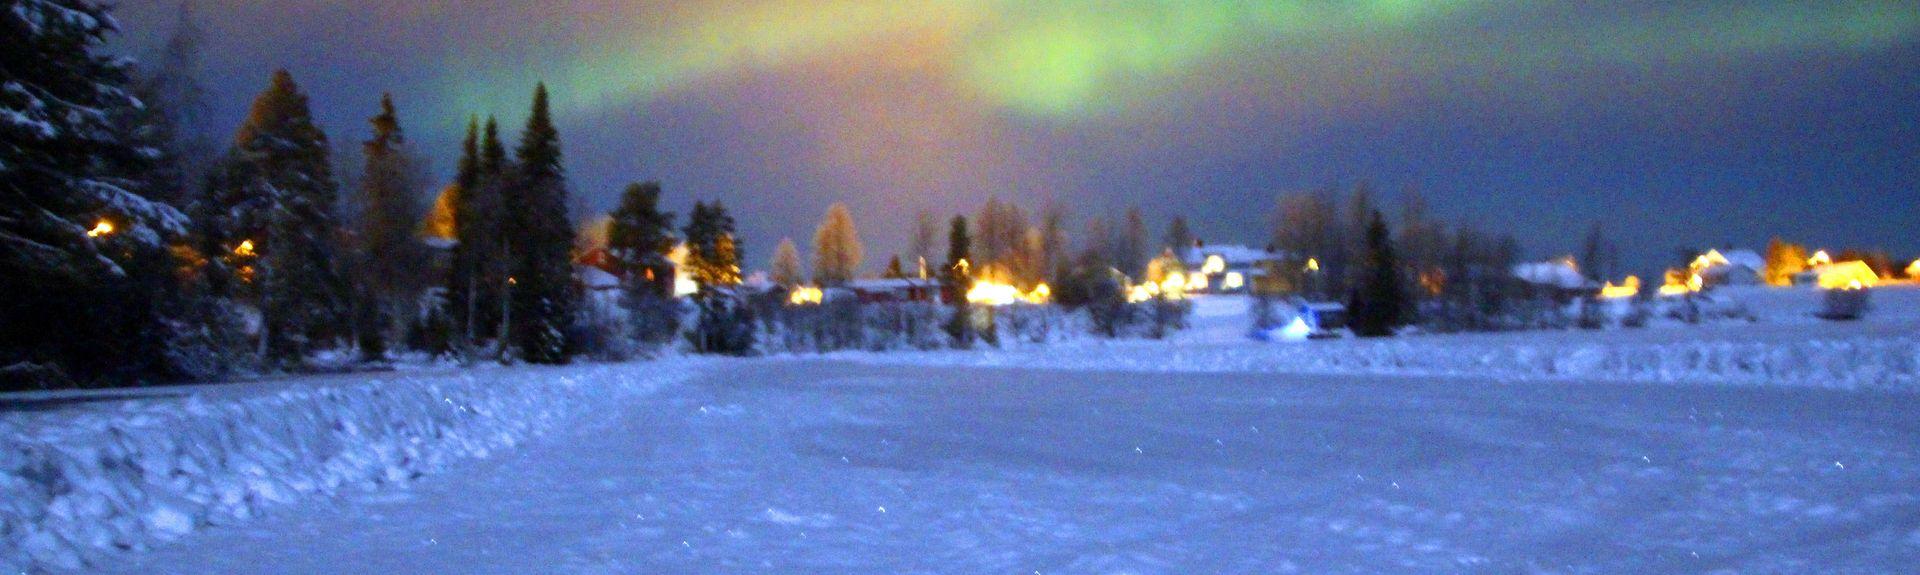 Condado de Norrbotten, Suécia